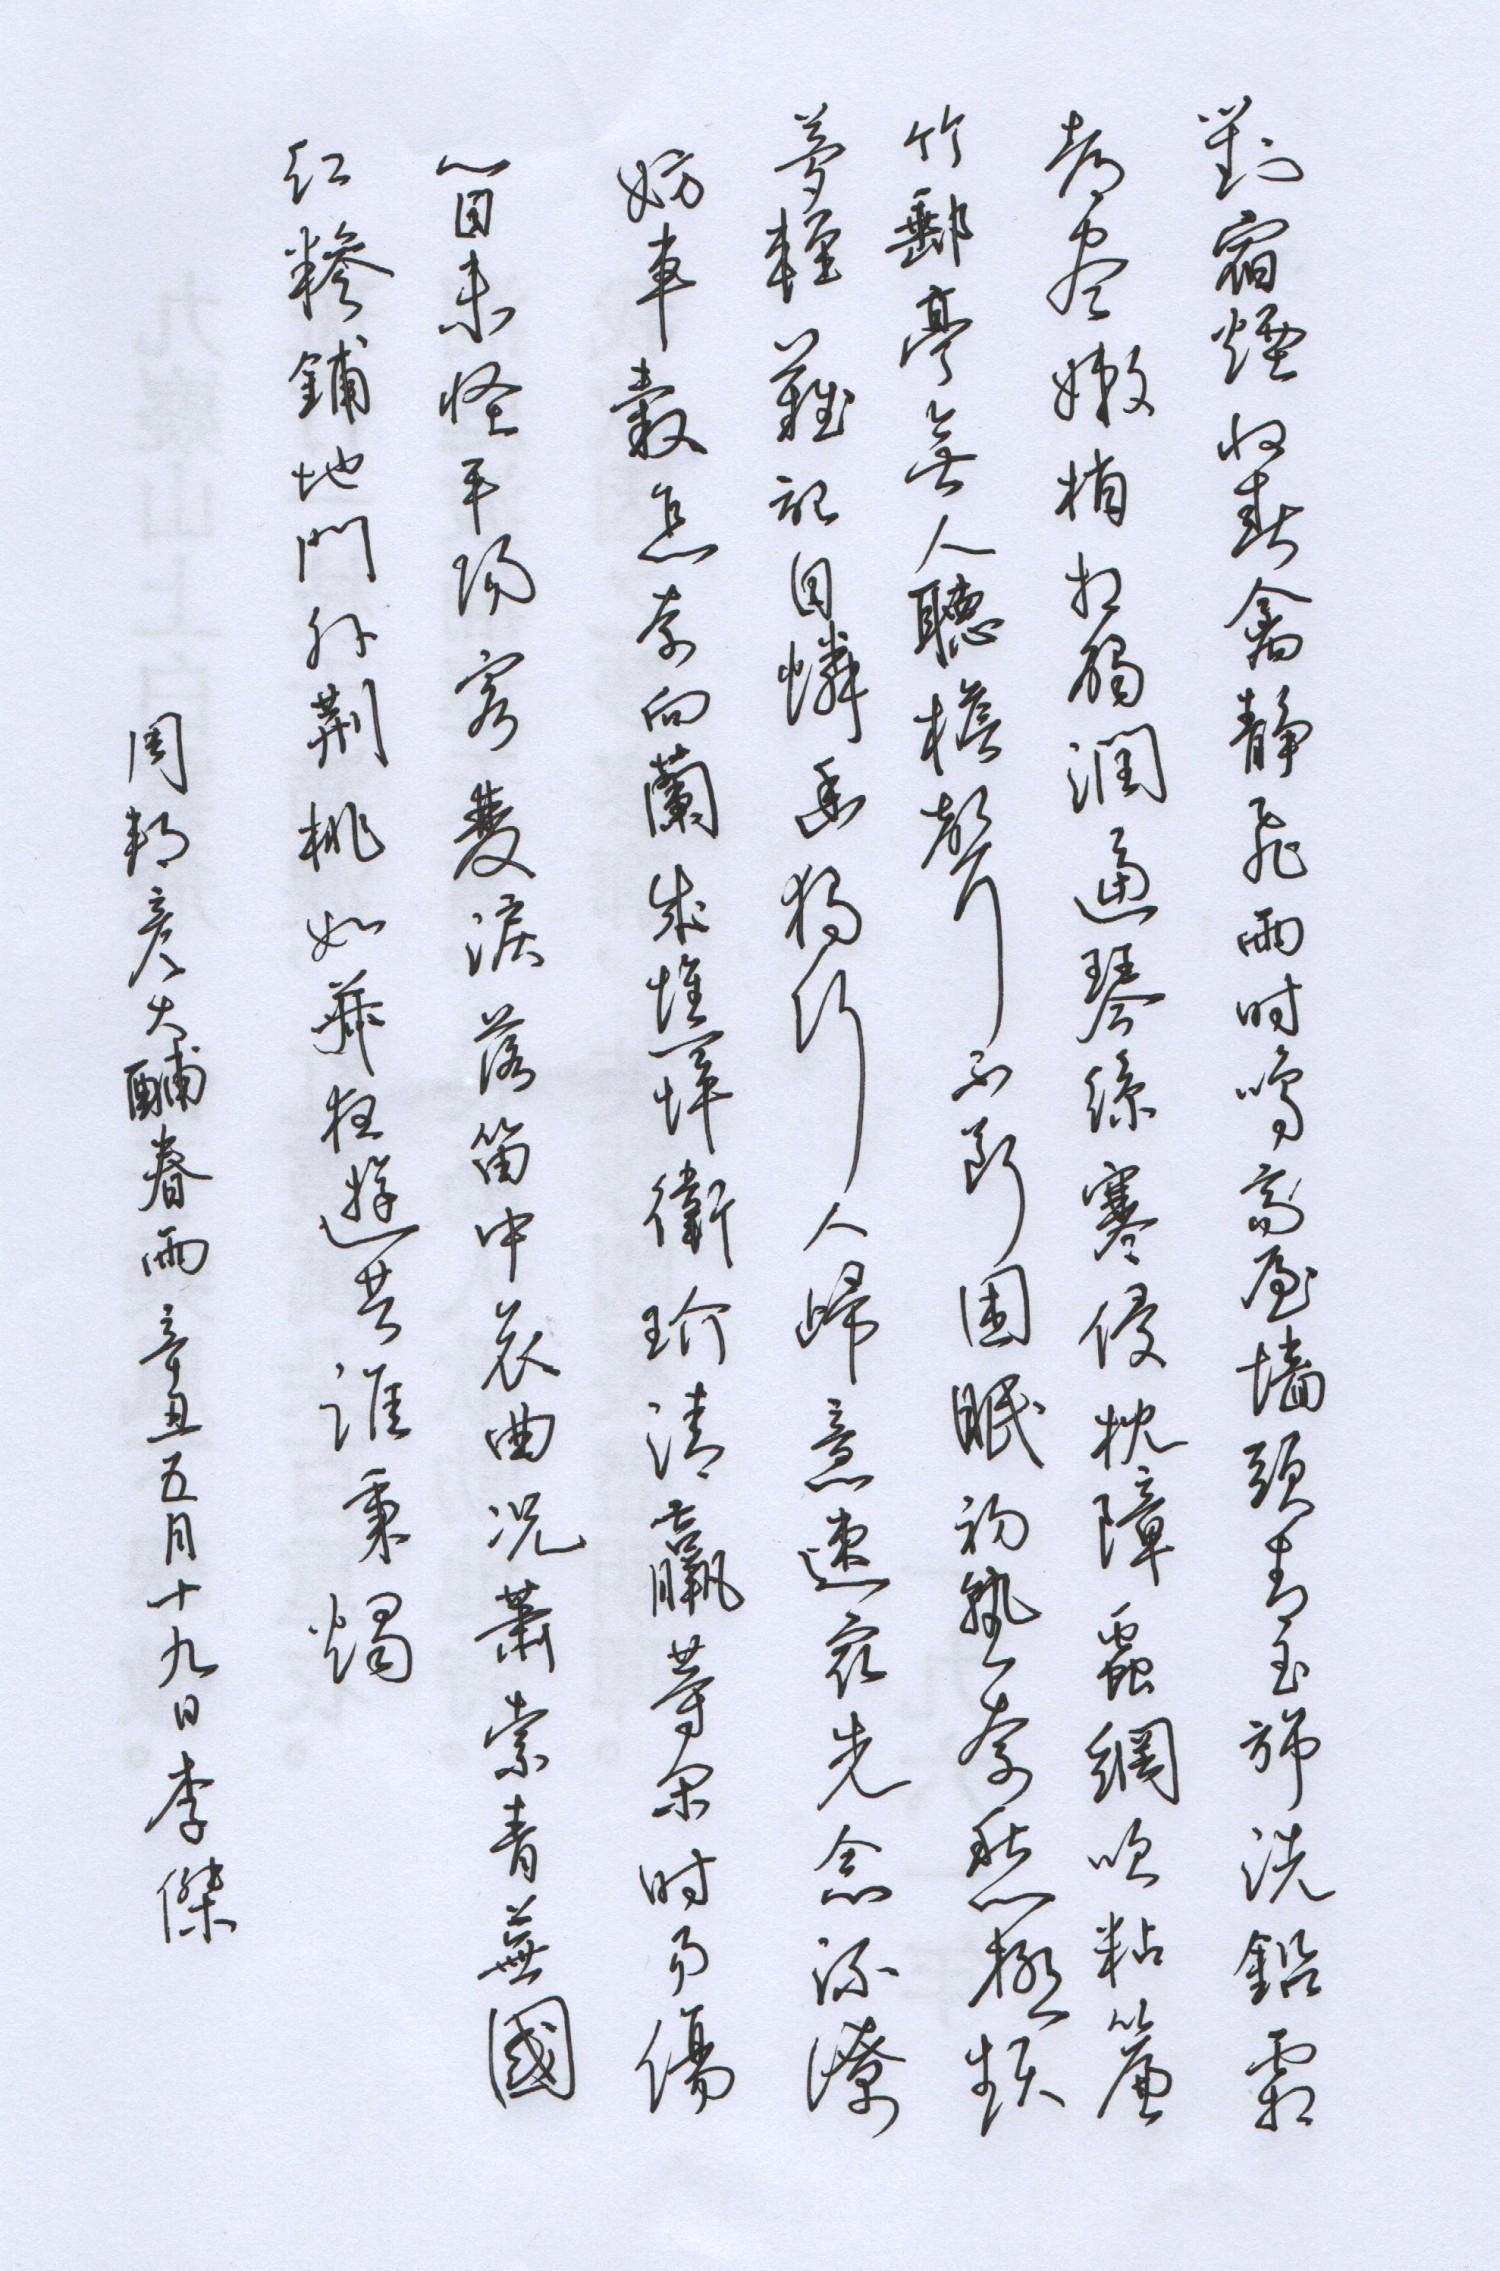 钢笔书法练字打卡20210629-10